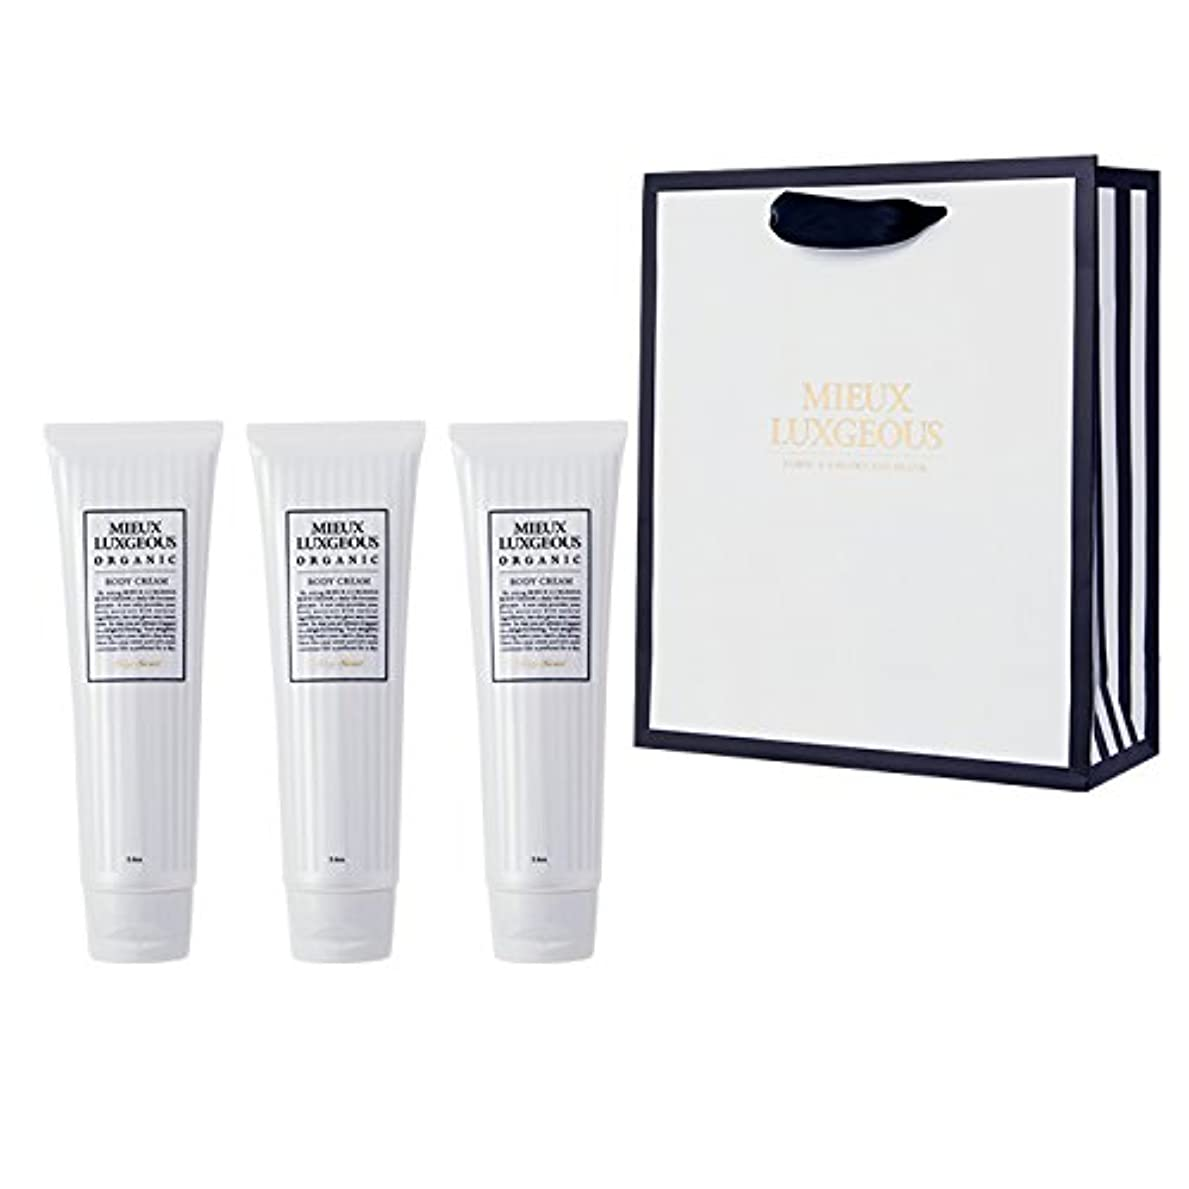 バースイデオロギーリルBody Cream 3本set with Paperbag02